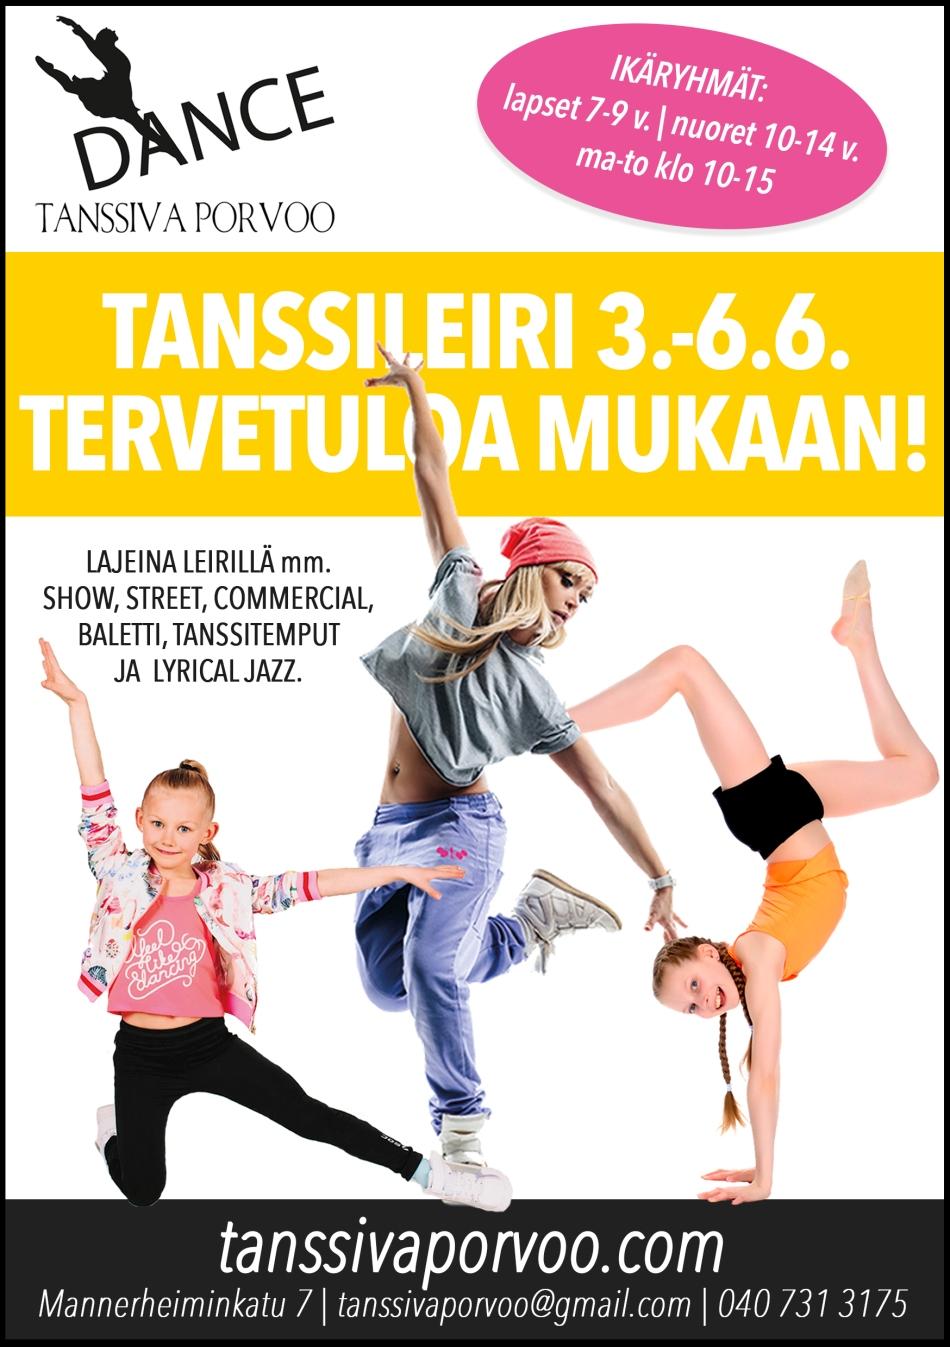 tanssileiri porvoo, leiri porvoo, kesäleiri porvoo, tanssi porvoo, tanssiva porvoo, tekemistä lapsille kesällä porvoo